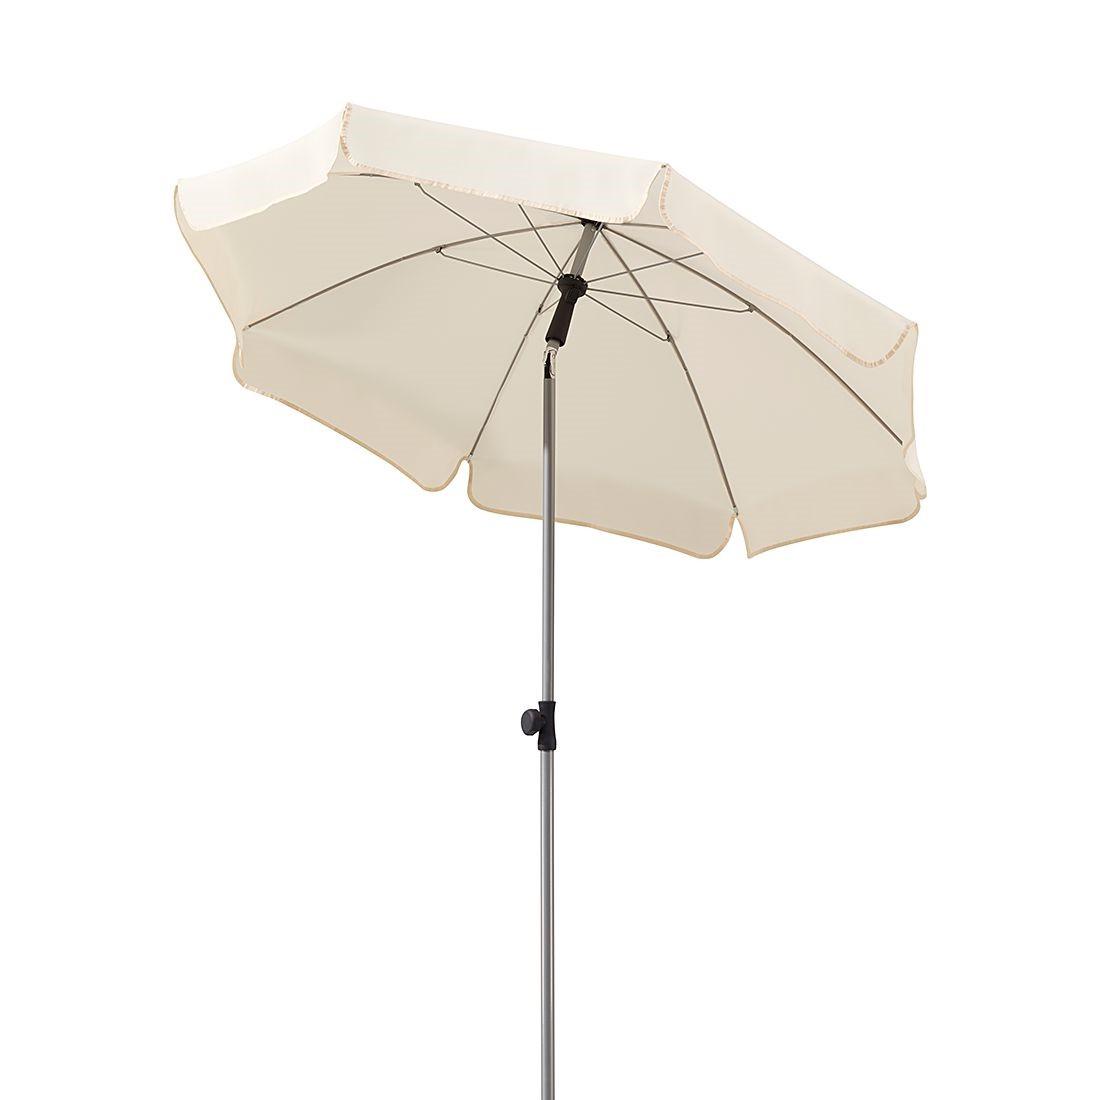 Sonnenschirm Micco I - Stahl/Polyester - Silber/Natur, Schneider Schirme